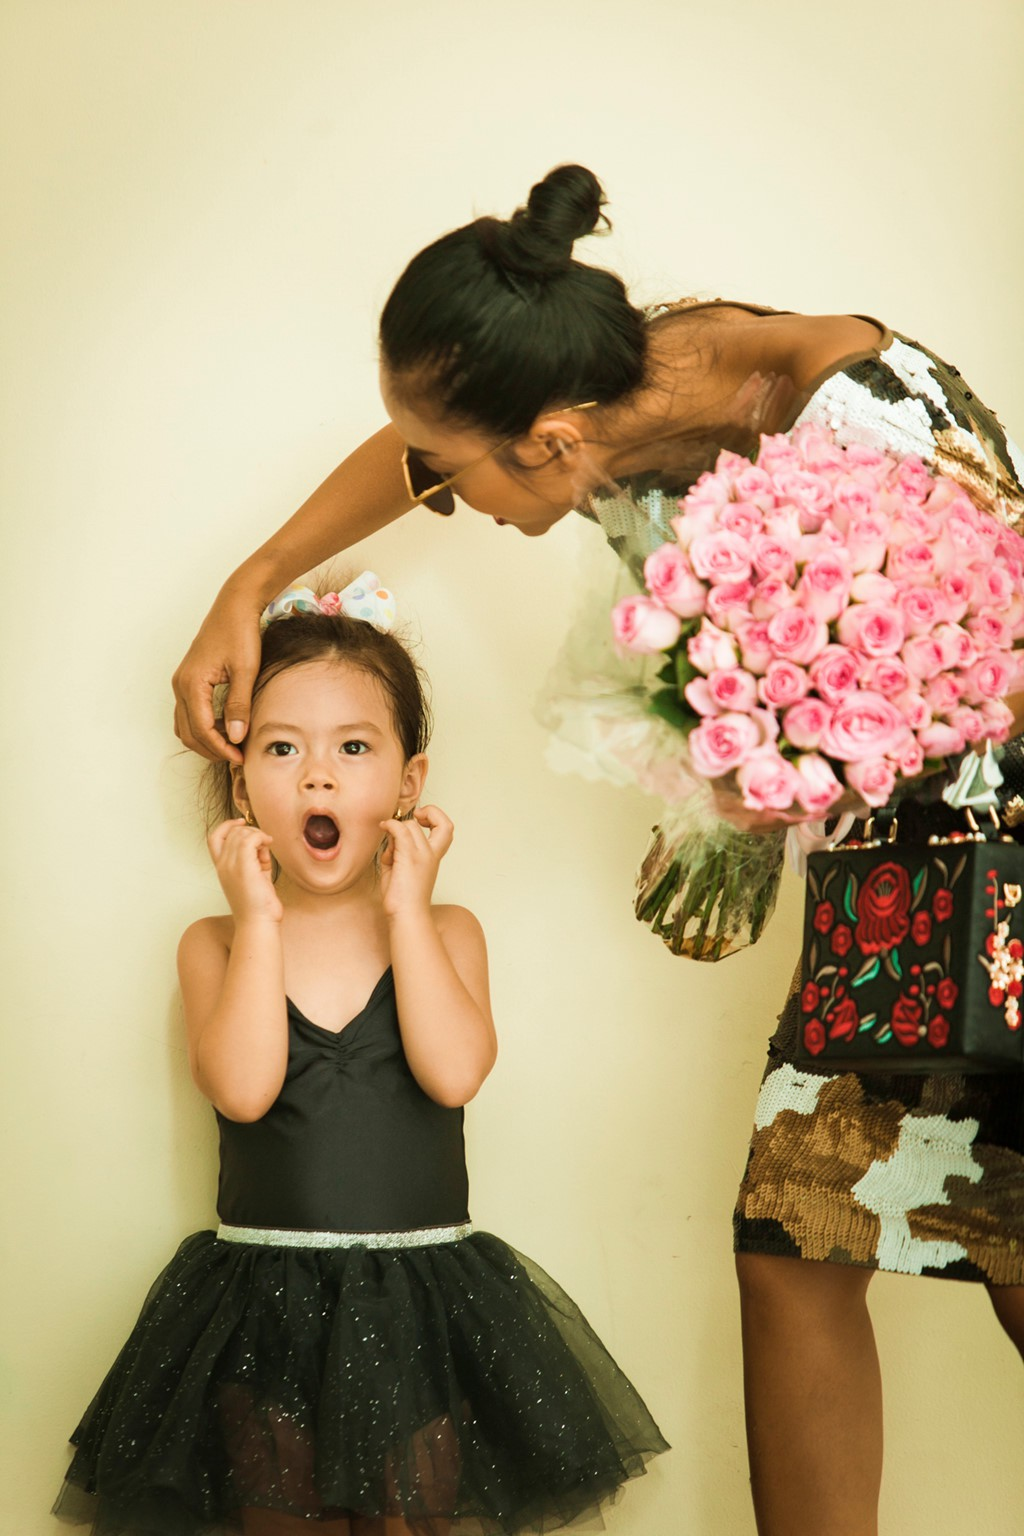 Cô chiêu, cậu ấm là con lai của nghệ sĩ Vbiz: Bé từ nhỏ đã biết diện đồ hiệu, bé sở hữu lượng fan nhiều hơn cả mẹ - Ảnh 10.